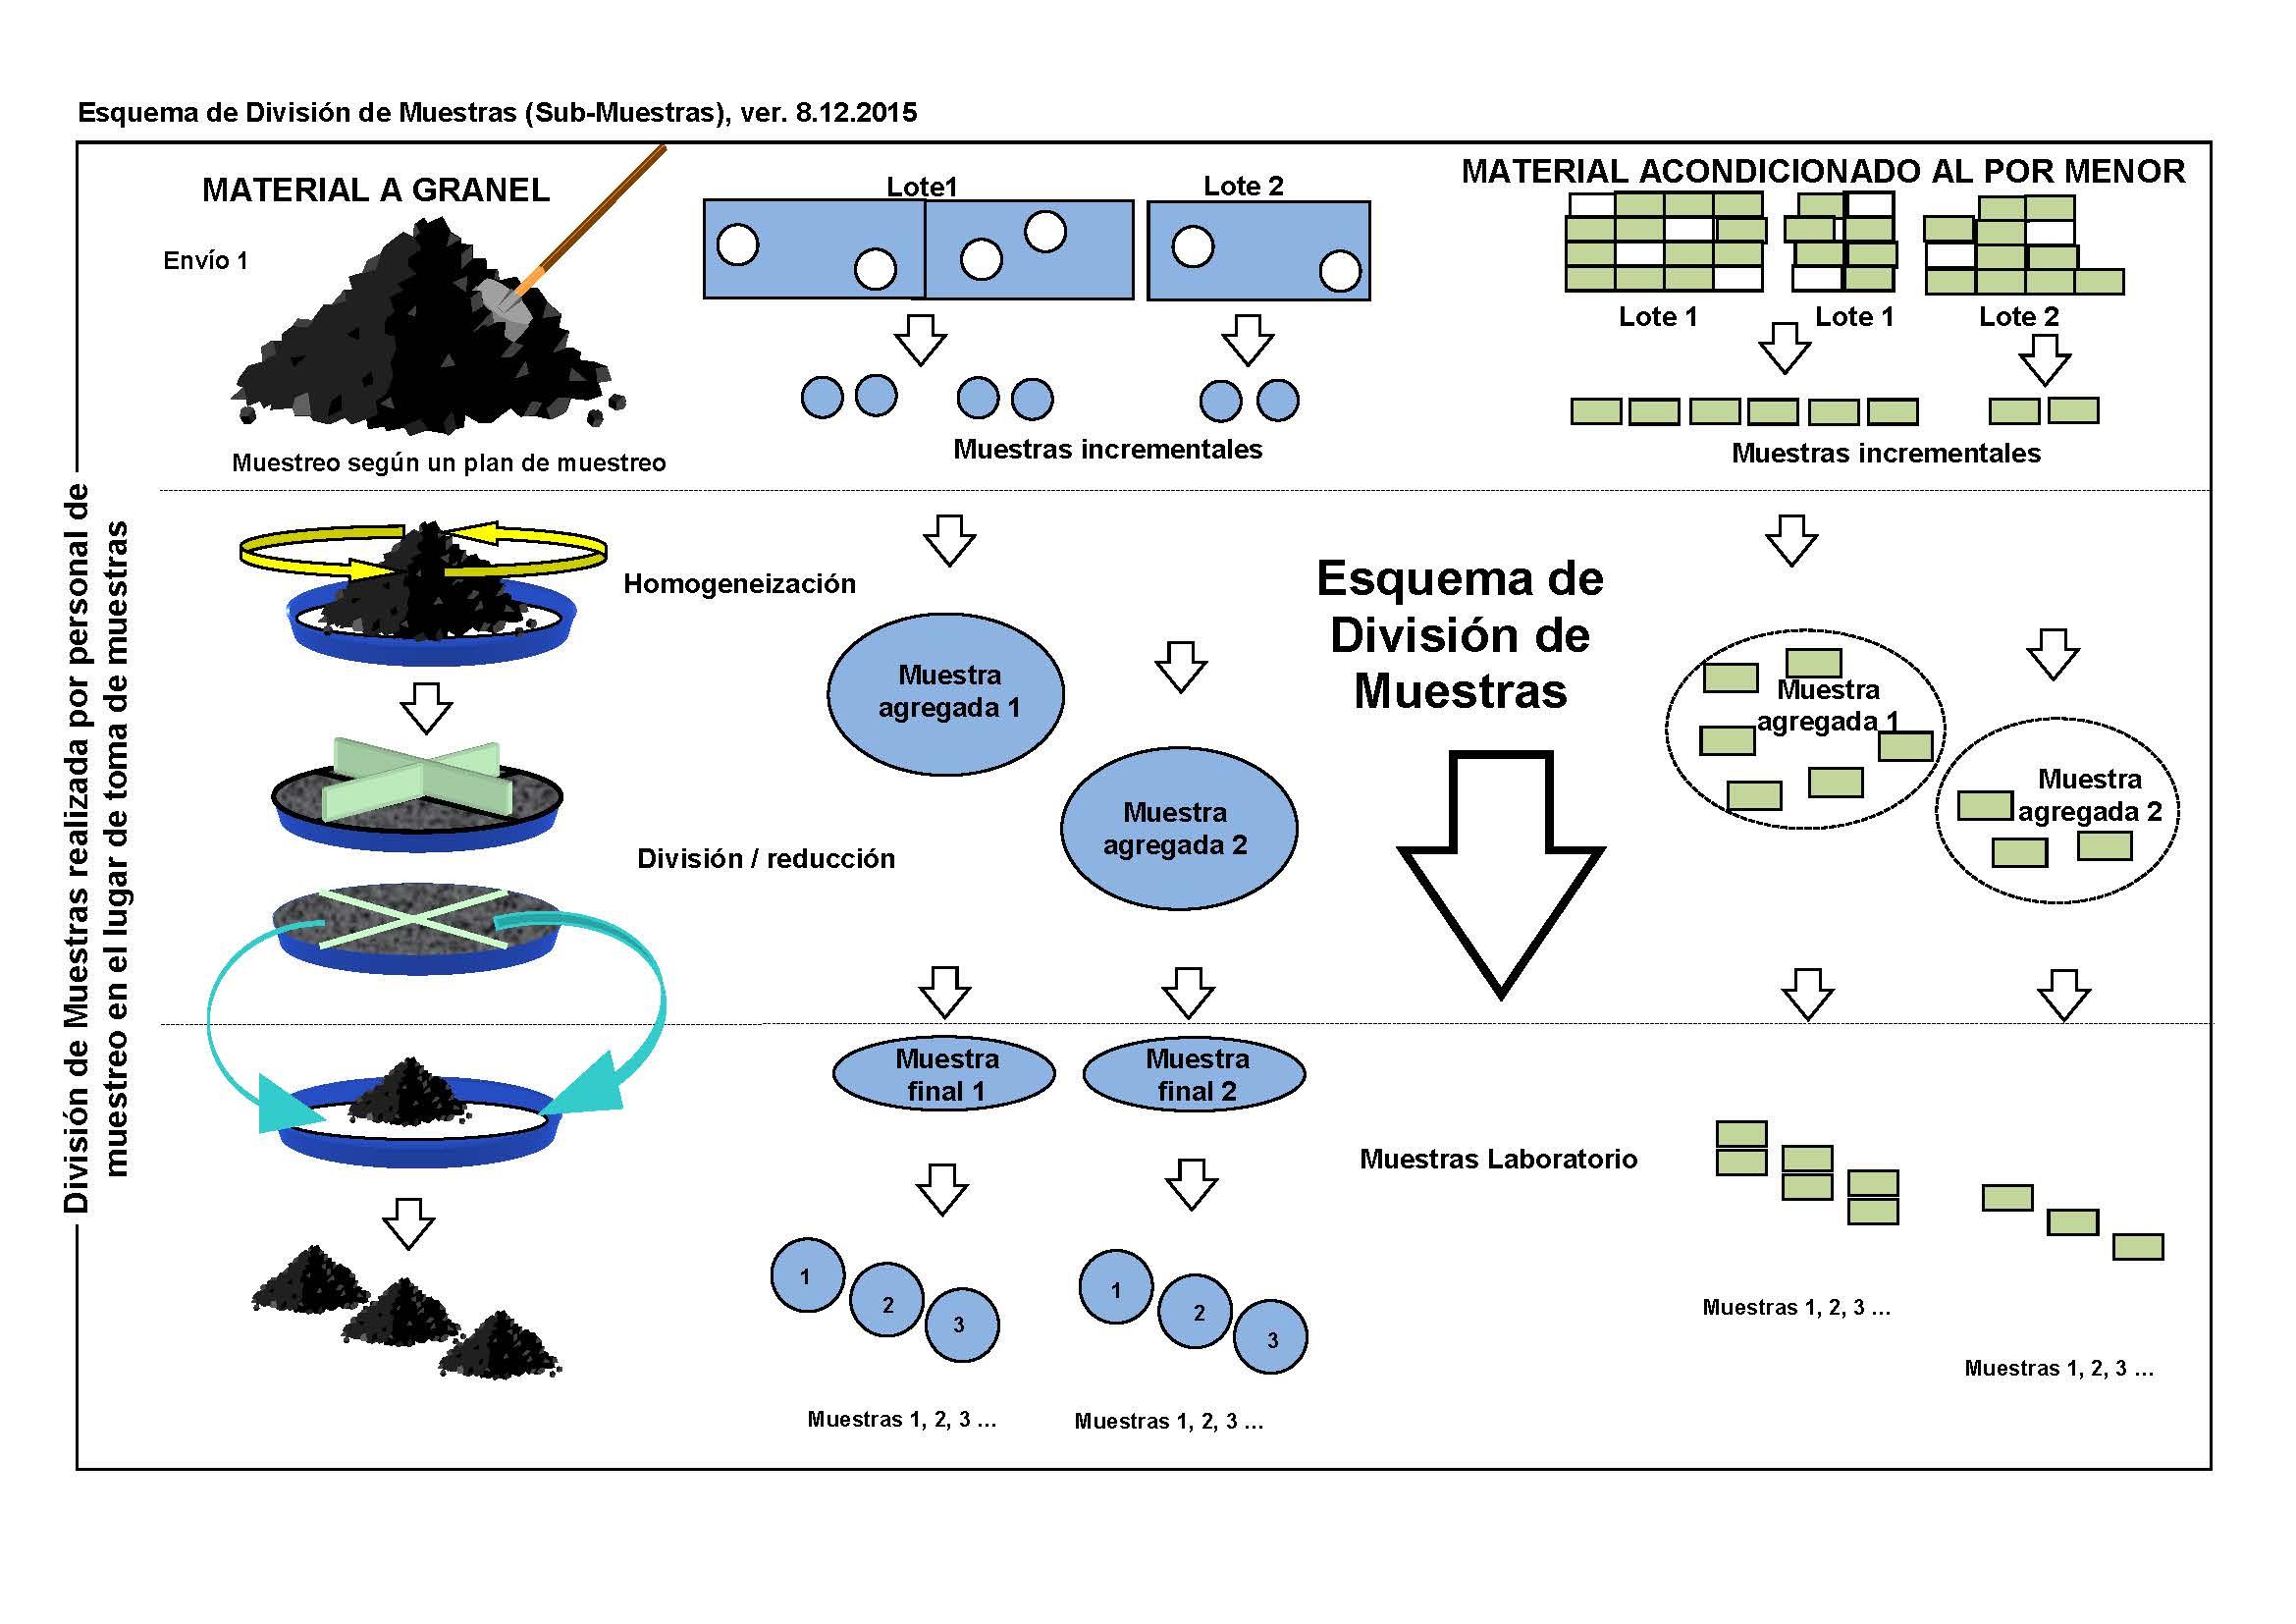 Métodos de muestreo para los distintos tipos de muestras - SAMANCTA